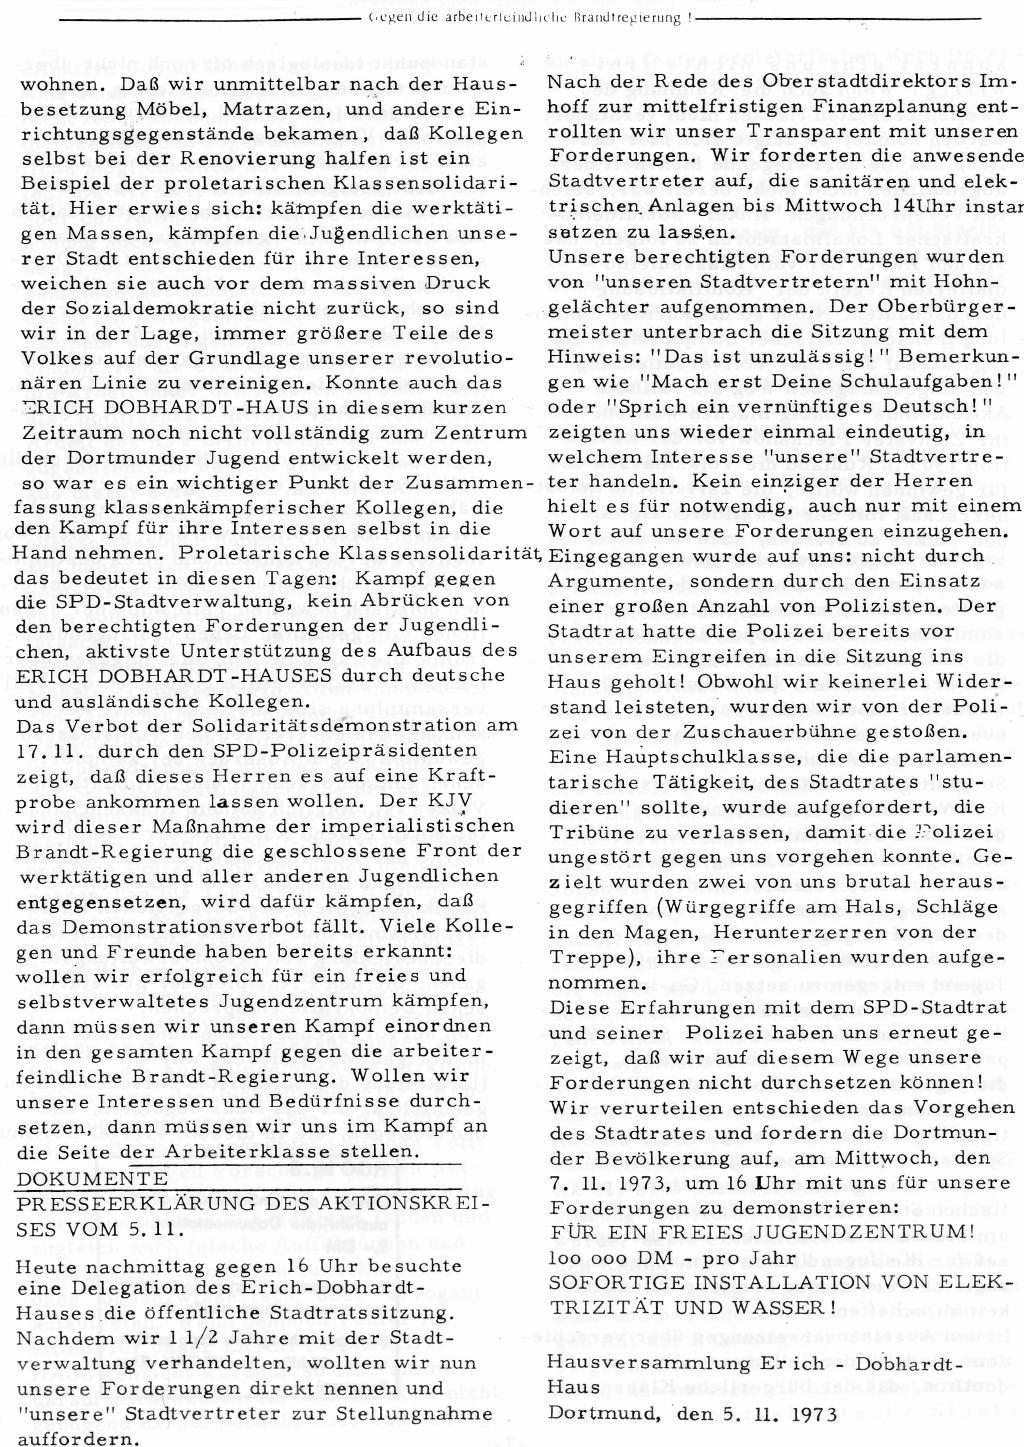 RPK_1973_037_08